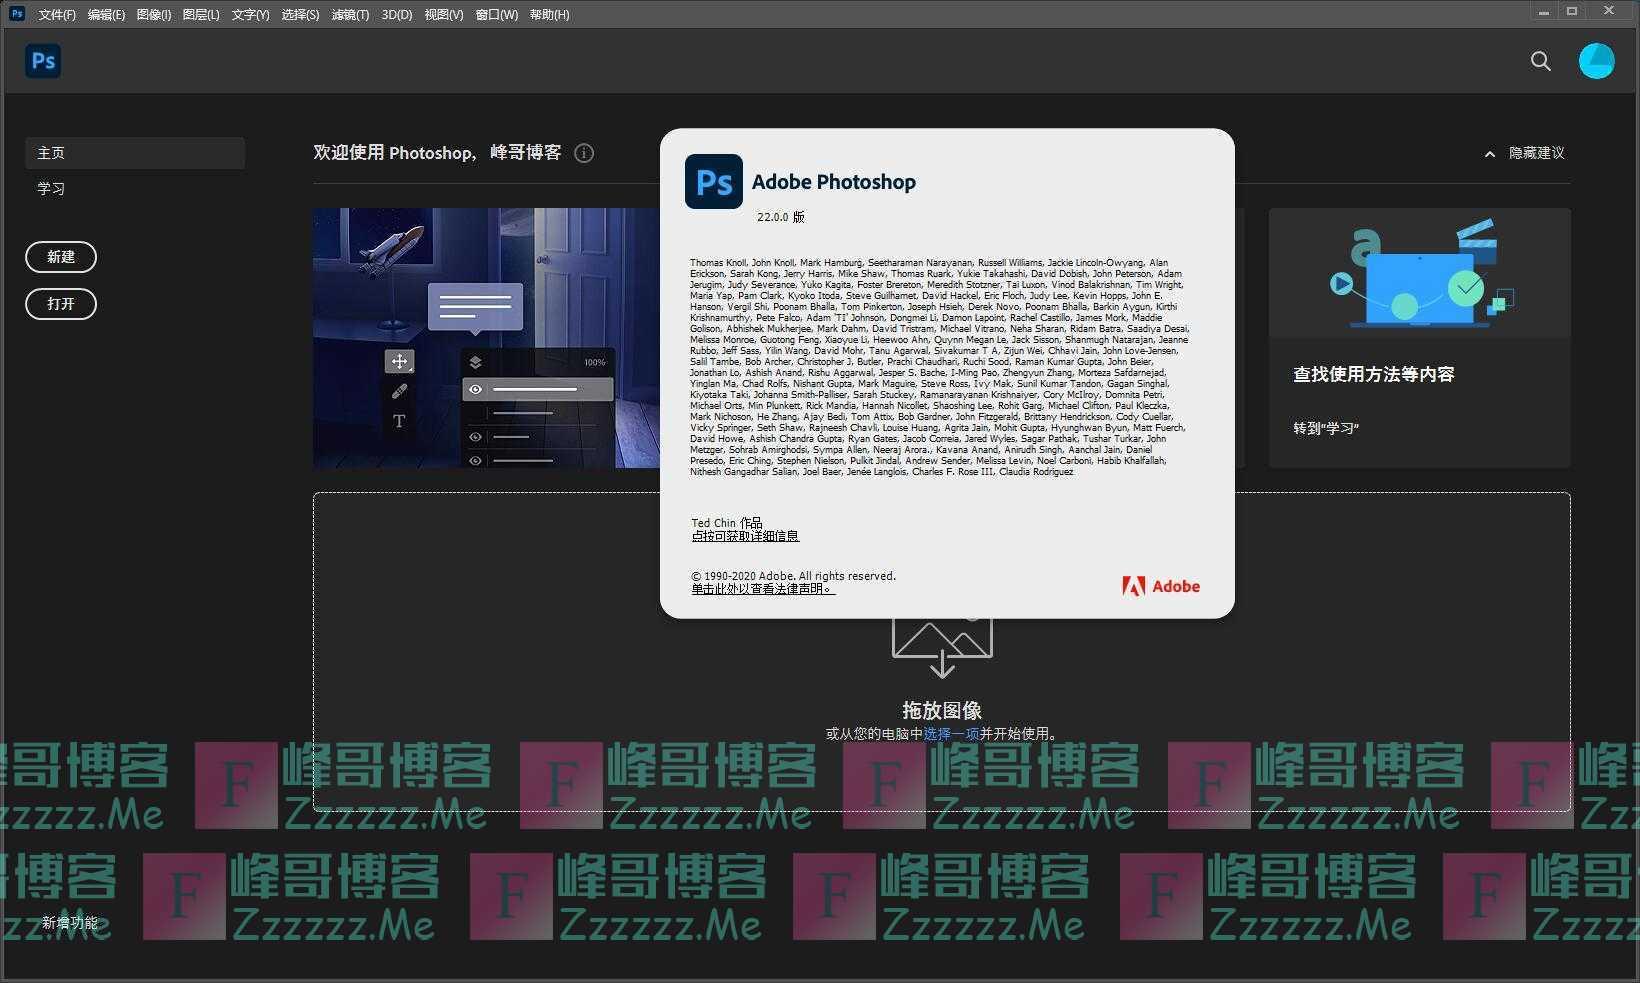 Adobe Photoshop 2021 SP1免激活破解版下载